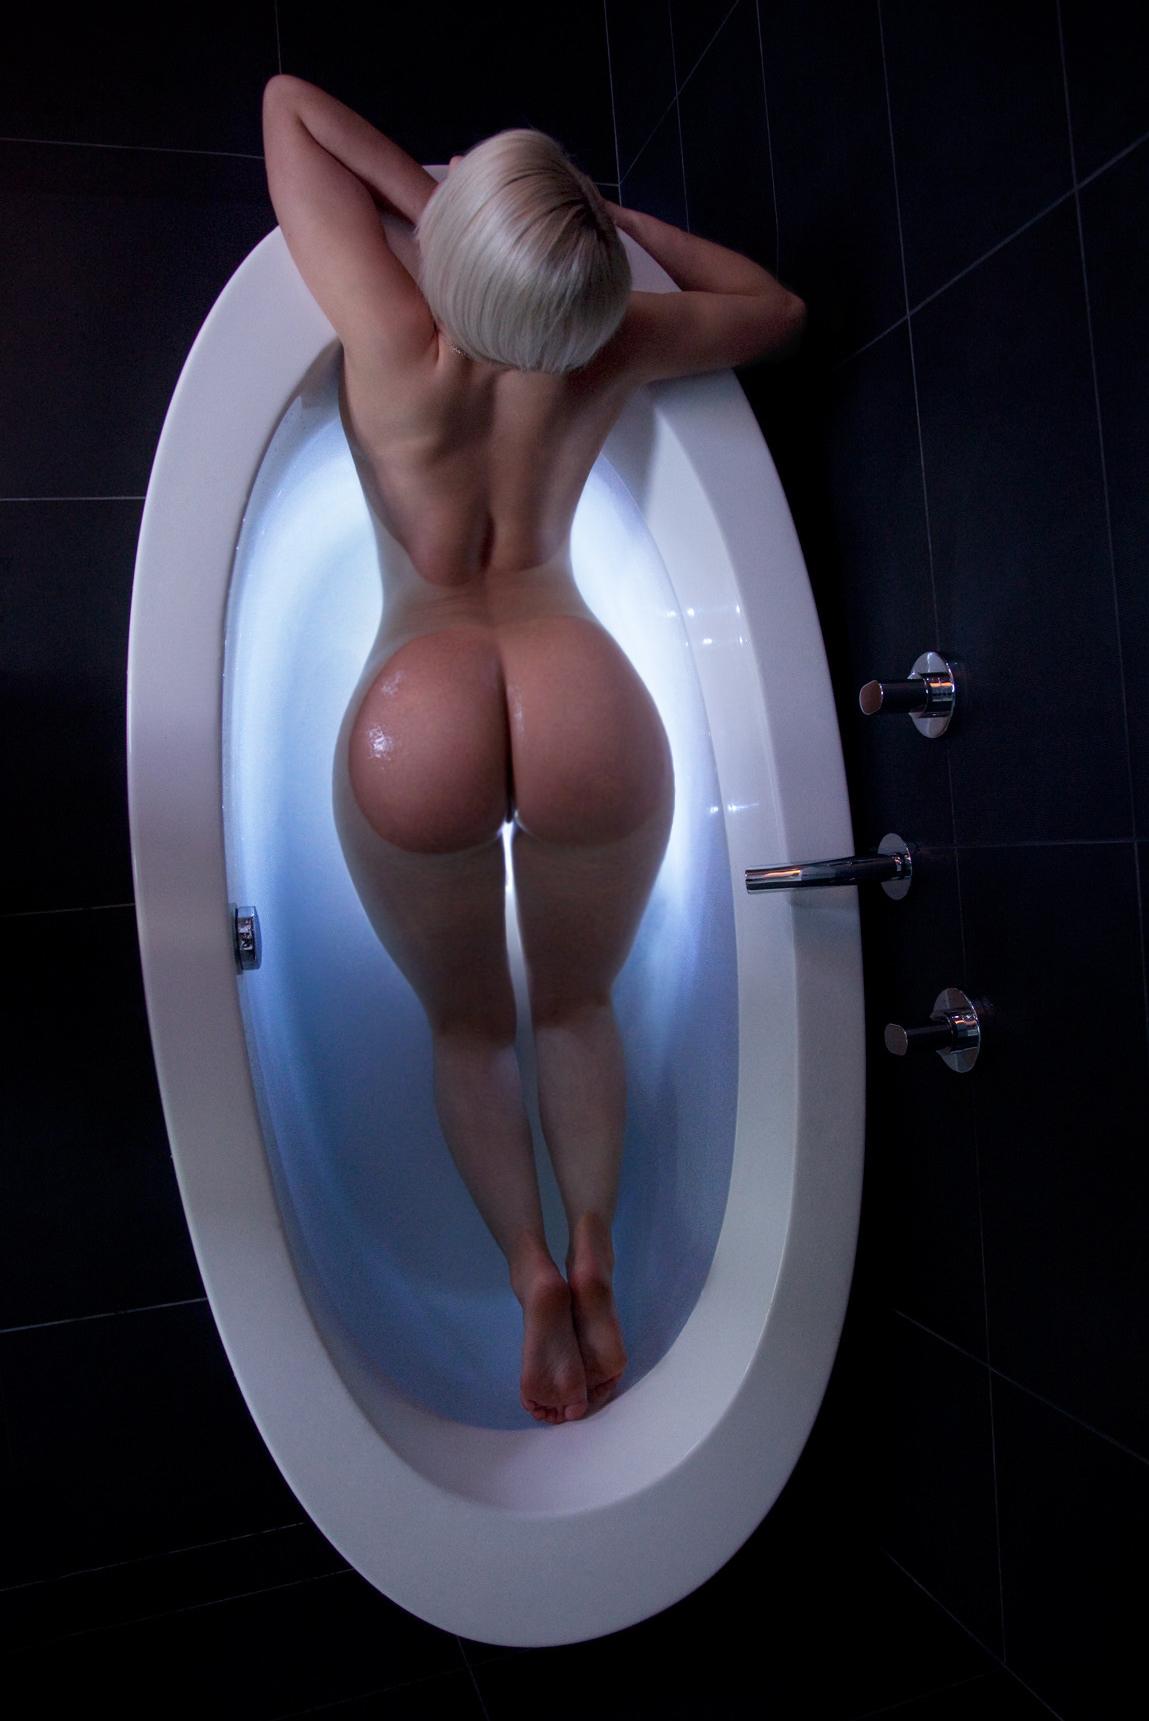 bathtub-booty.jpg